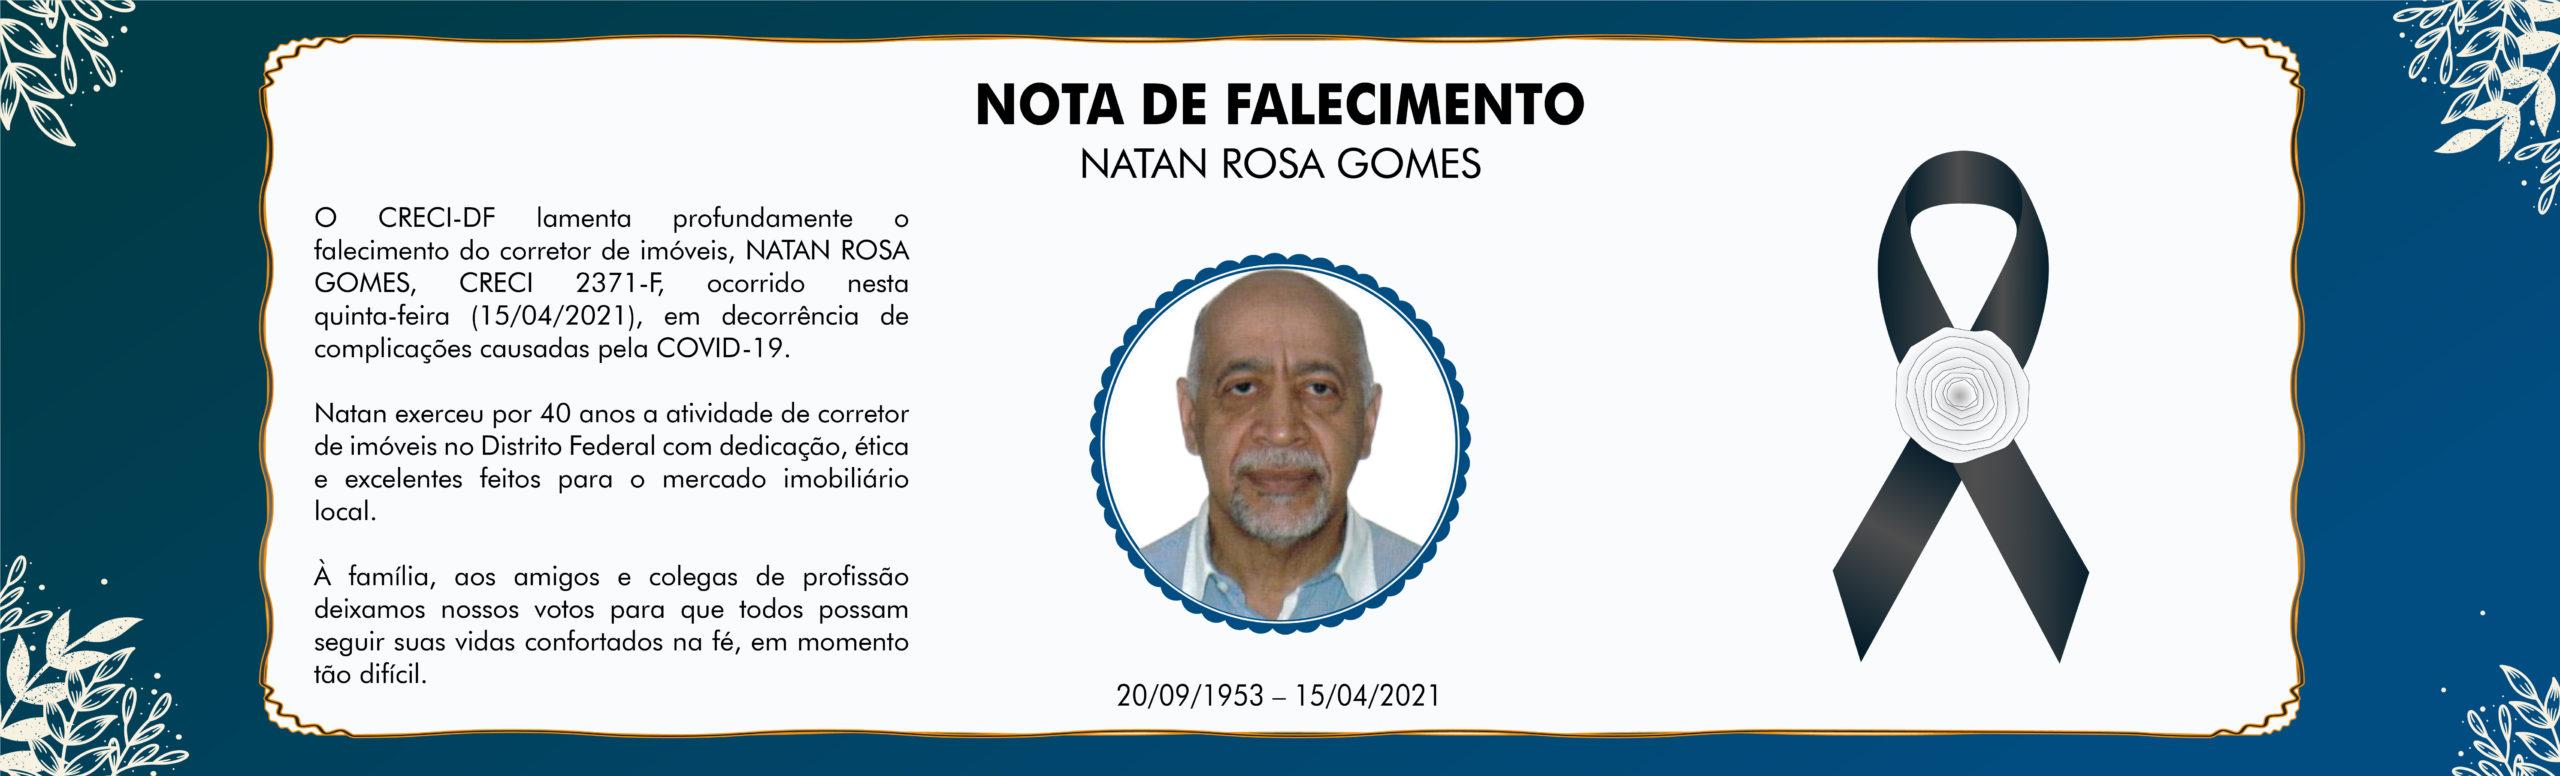 NOTA DE FALECIMENTO NATAN - SITE